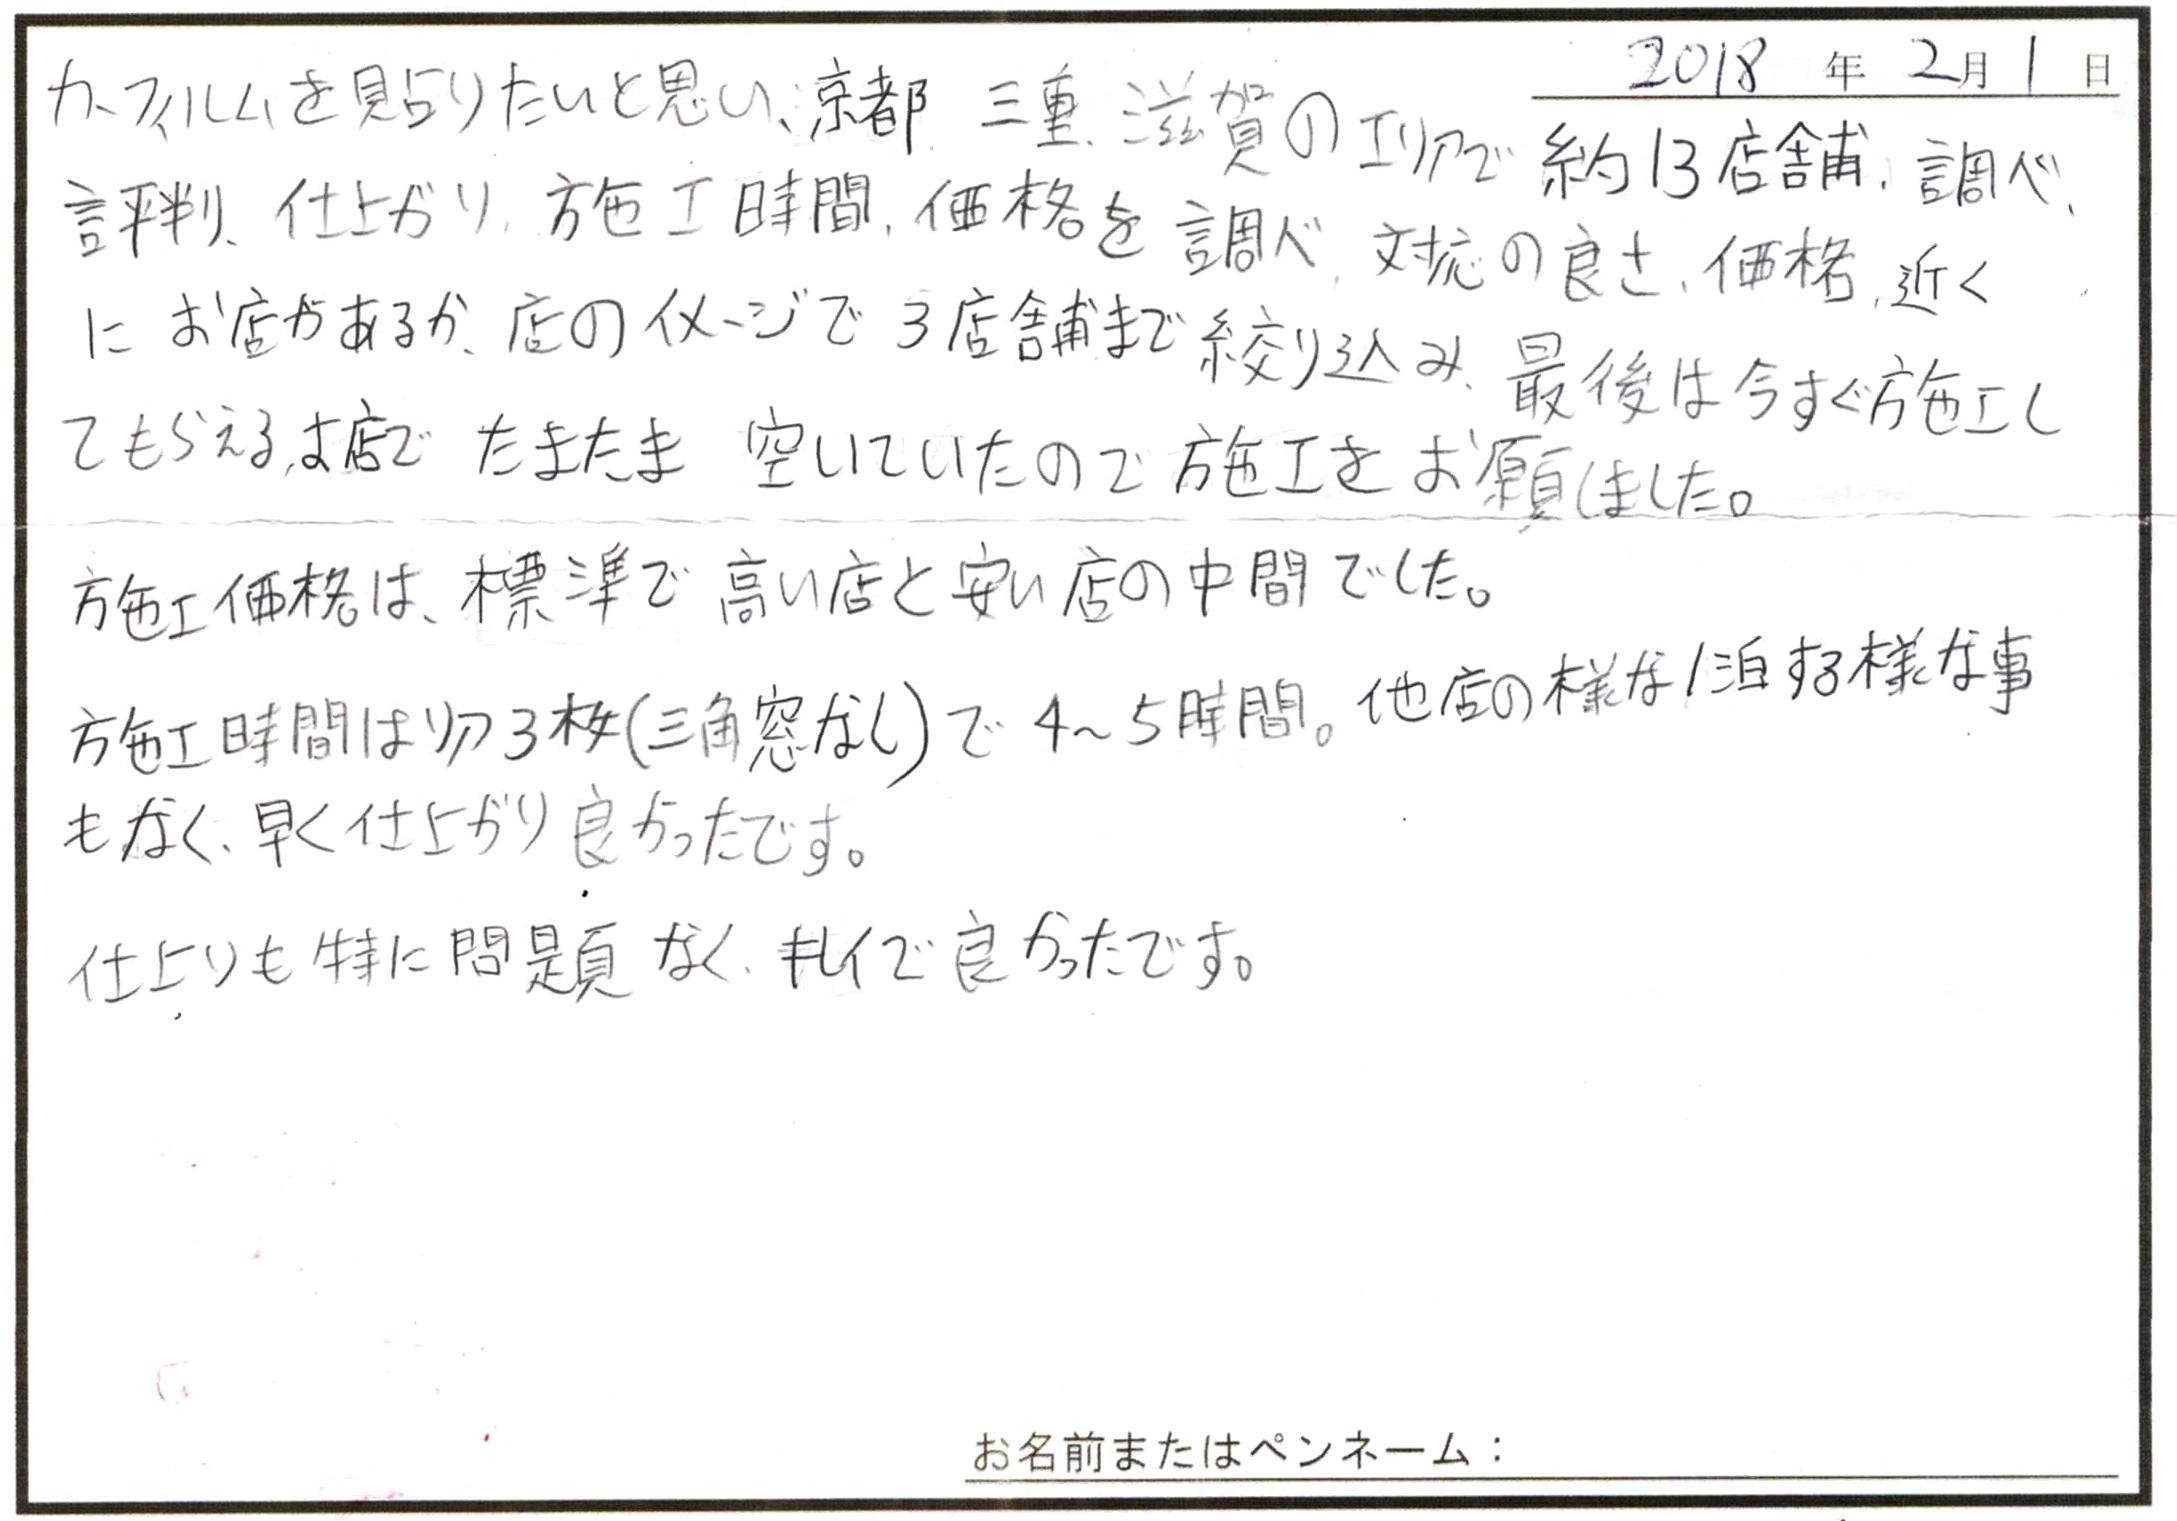 ビーパックスへのクチコミ/お客様の声:H.D. 様(滋賀県甲賀市)/ホンダ ヴェゼル